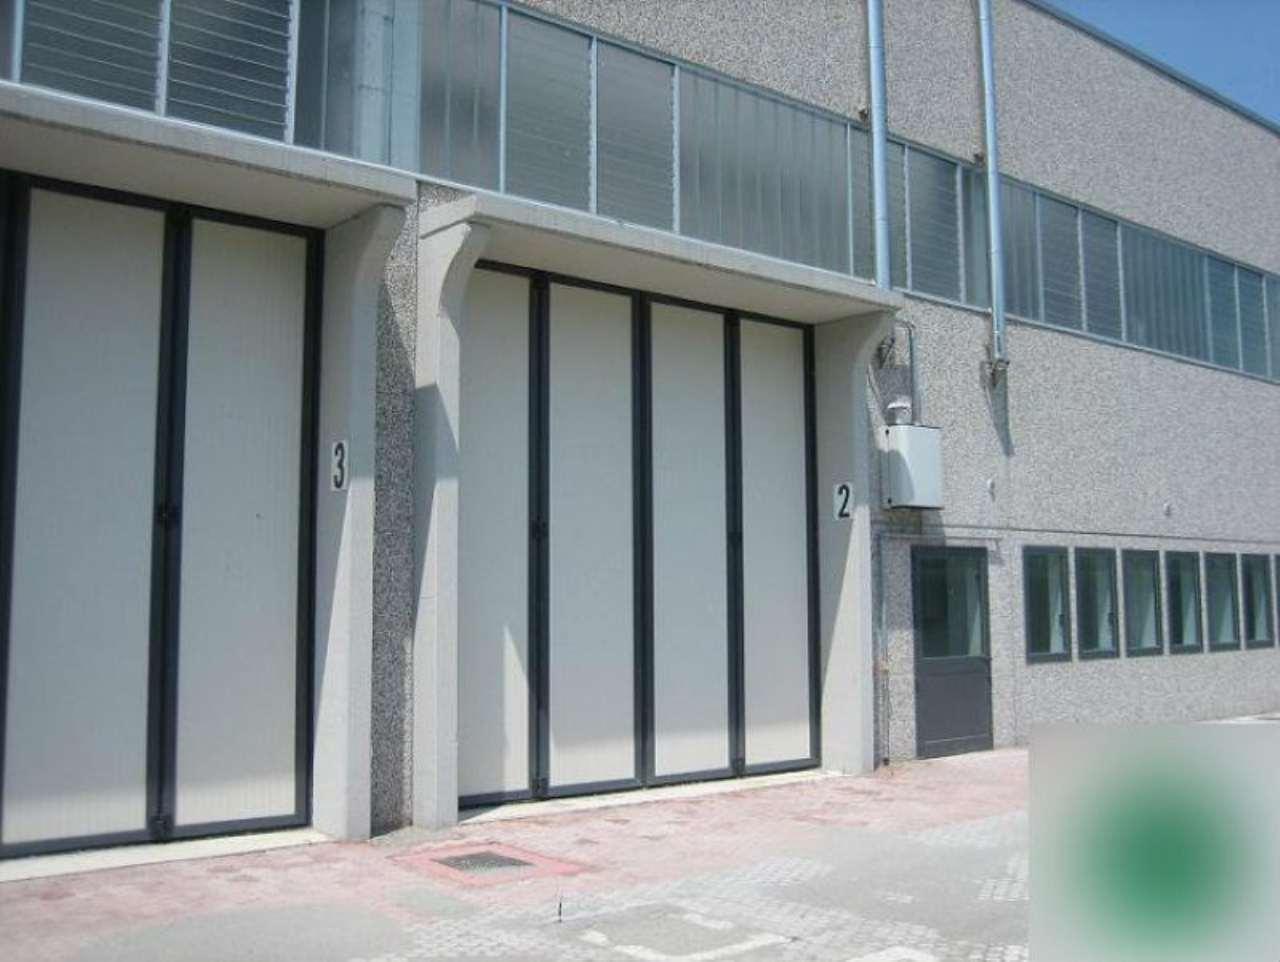 Capannone in vendita a Pozzuolo Martesana, 9999 locali, prezzo € 415.000 | Cambio Casa.it